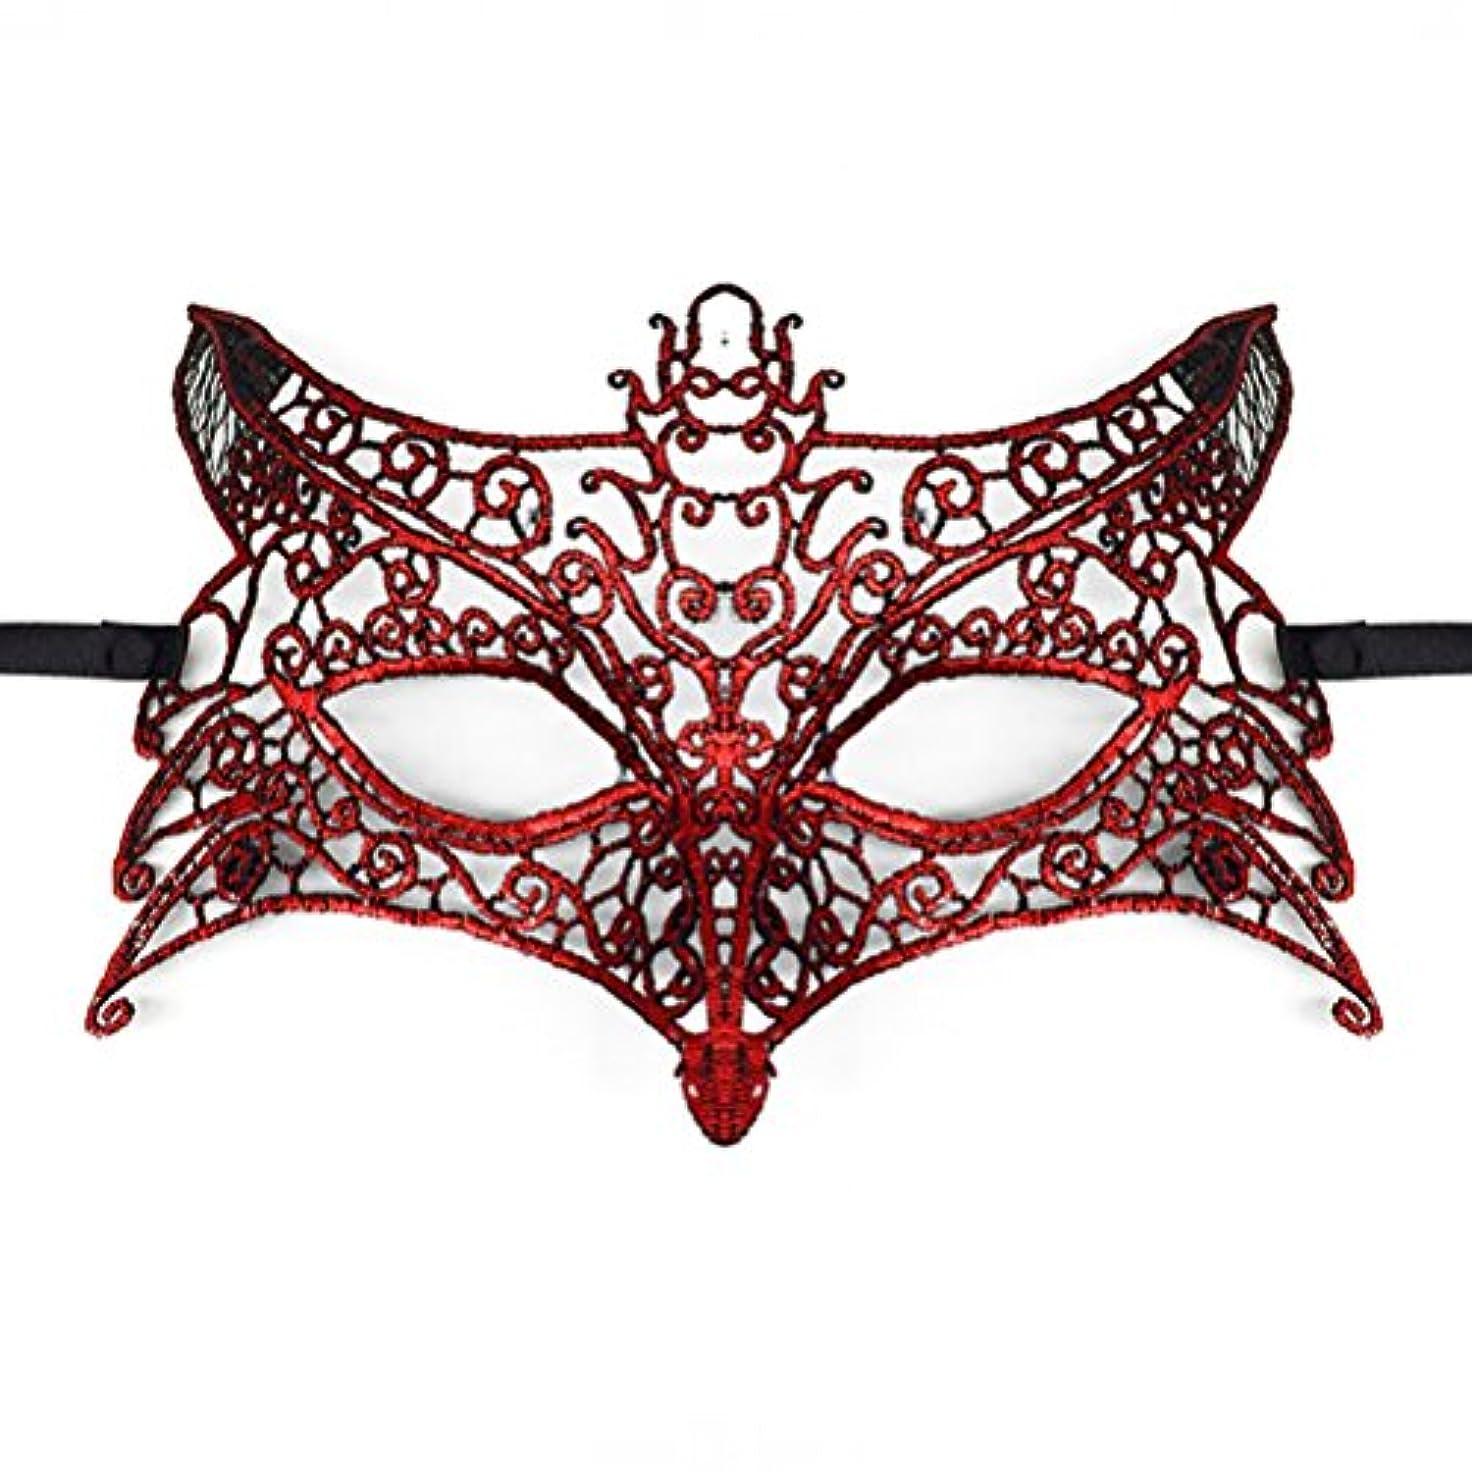 通貨結果反発Toyvian ハロウィーンパーティー用レースマスカレードマスク(ウルフヘッド)